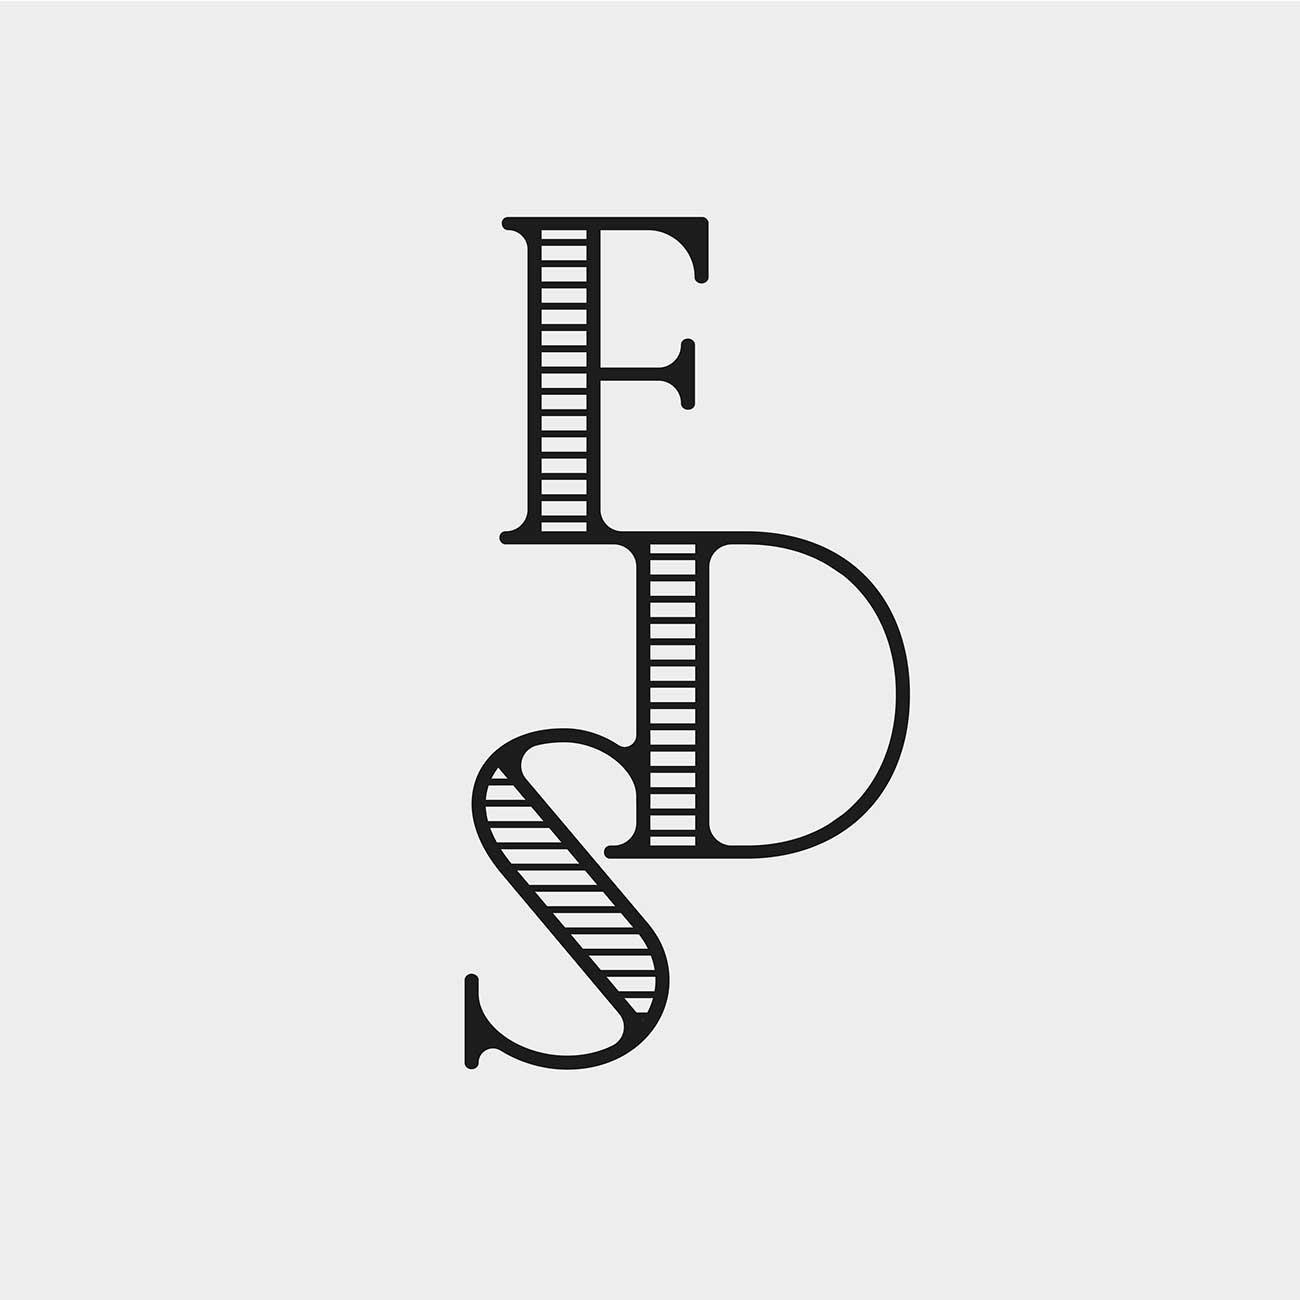 Fiori di Spezie - Portfolio, Progetto Undici, Firenze